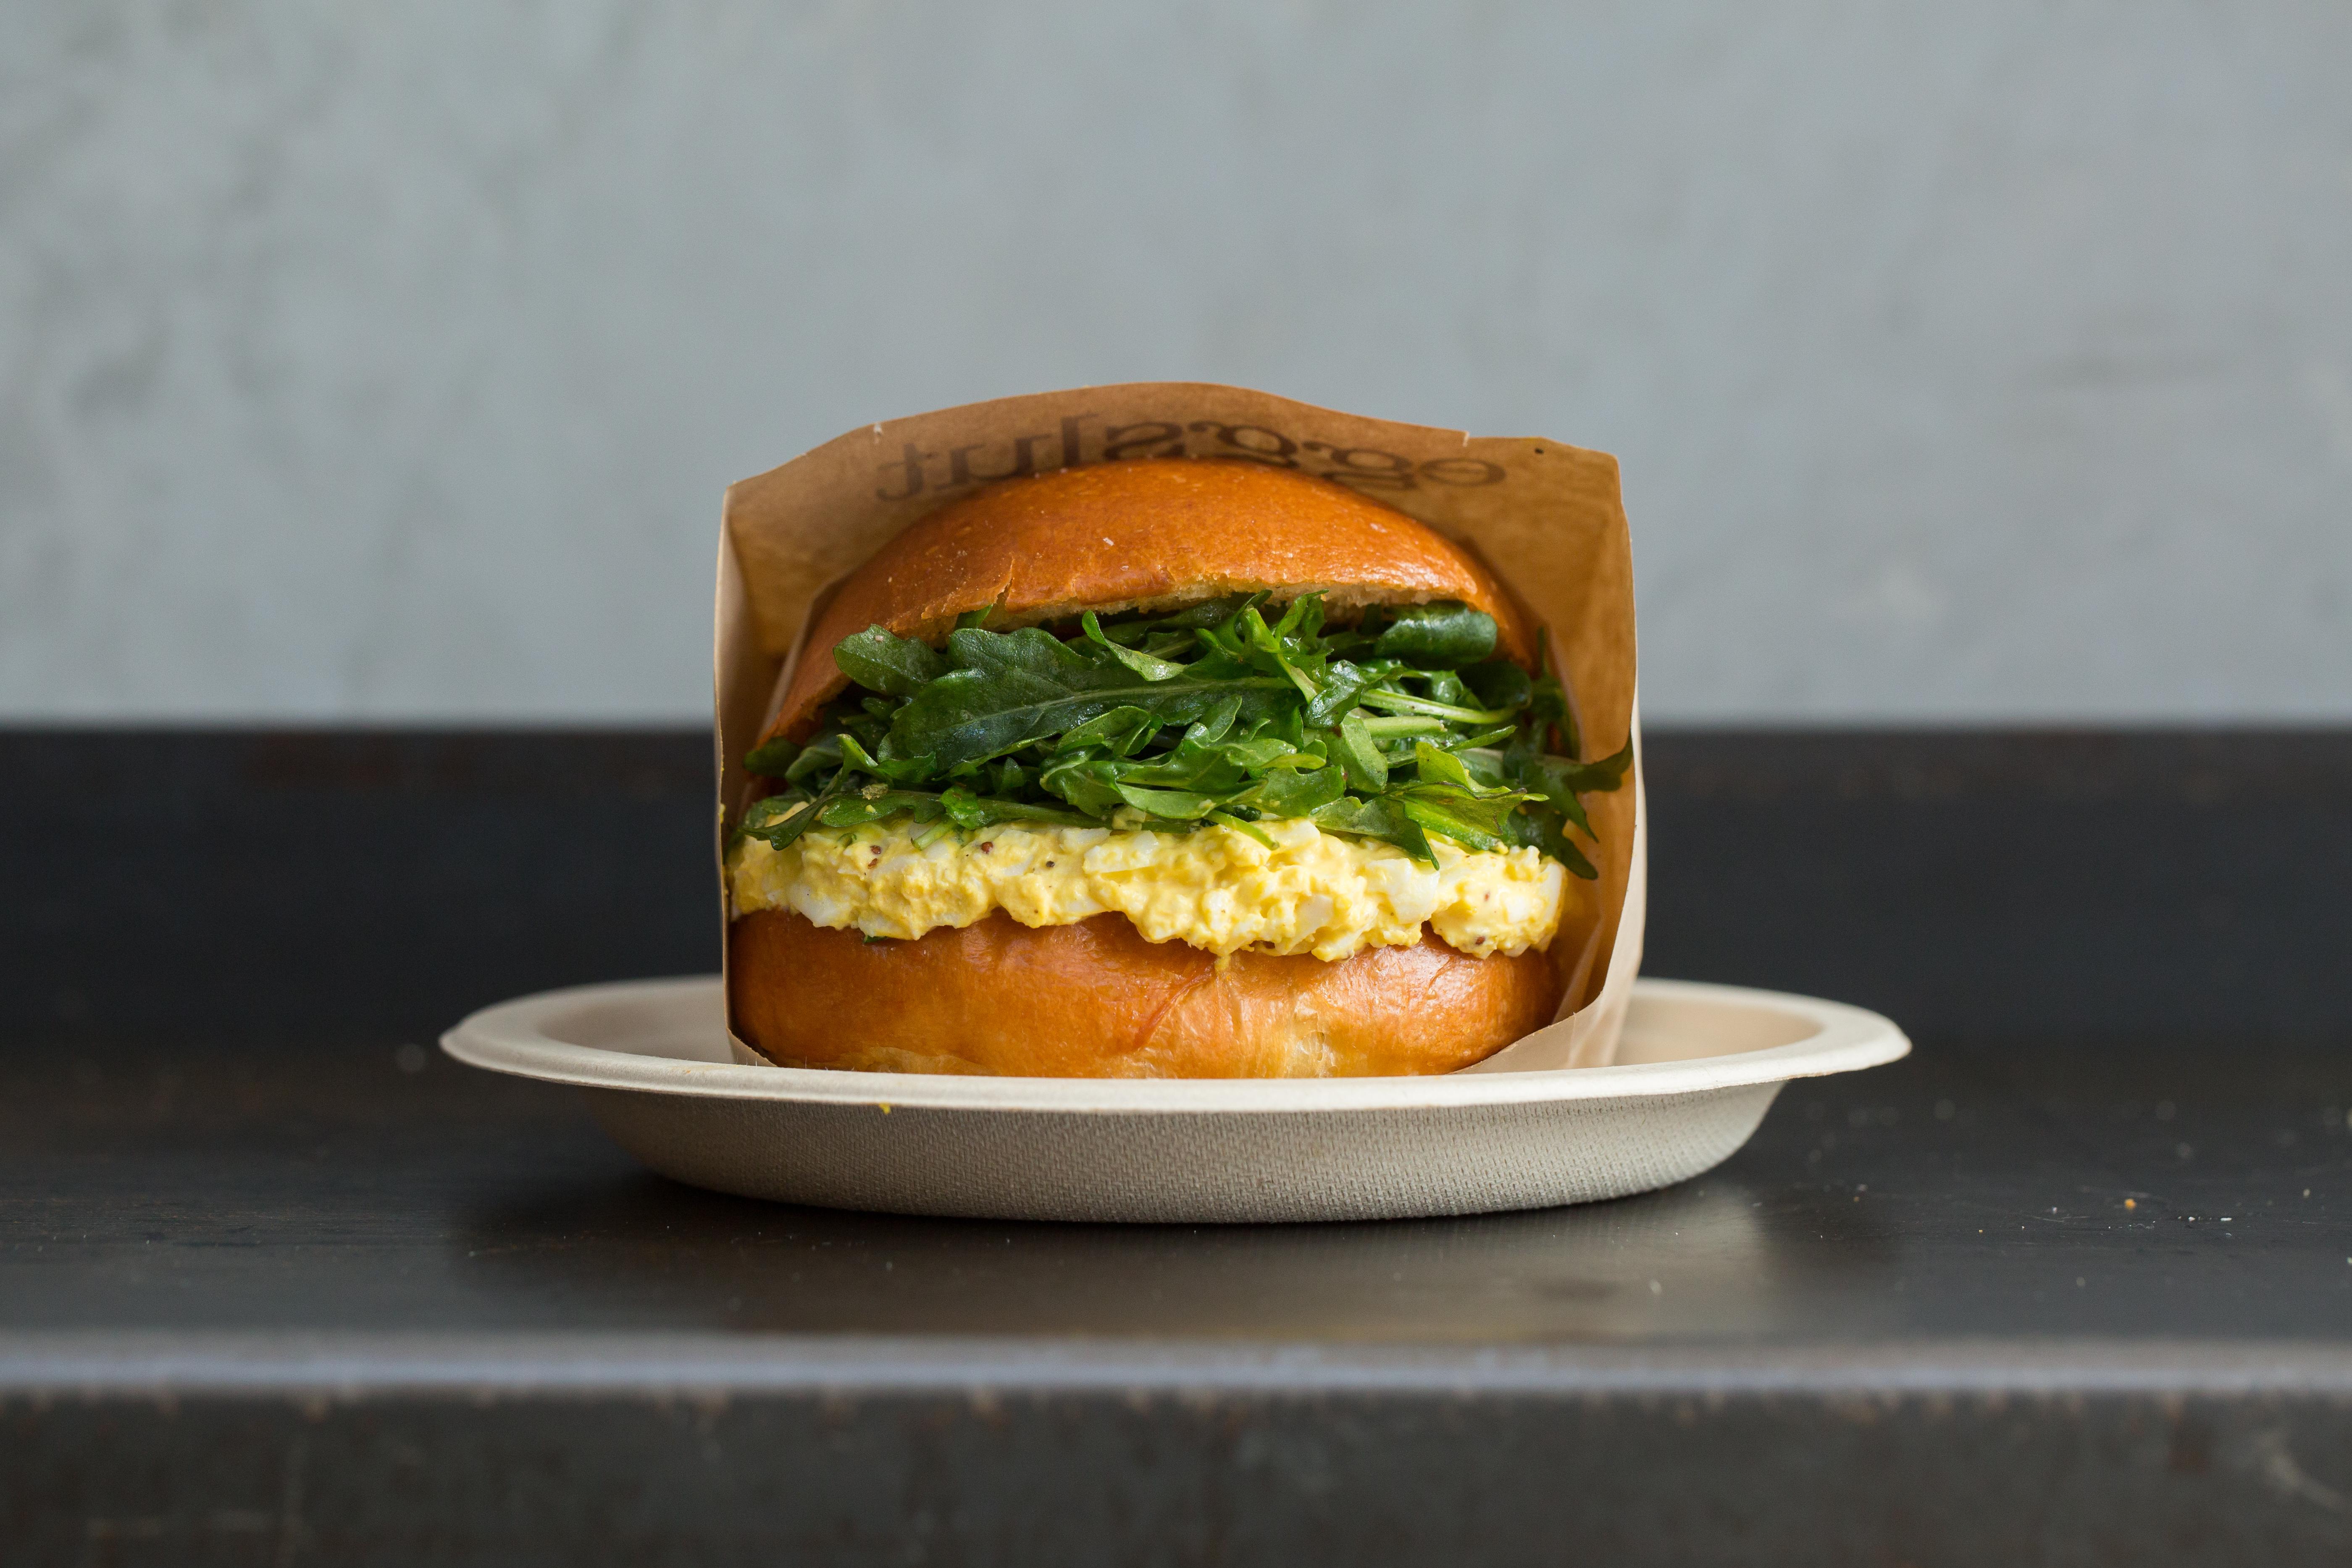 The Fairfax scrambled egg bun at Eggslut restaurant, now open in Notting Hill